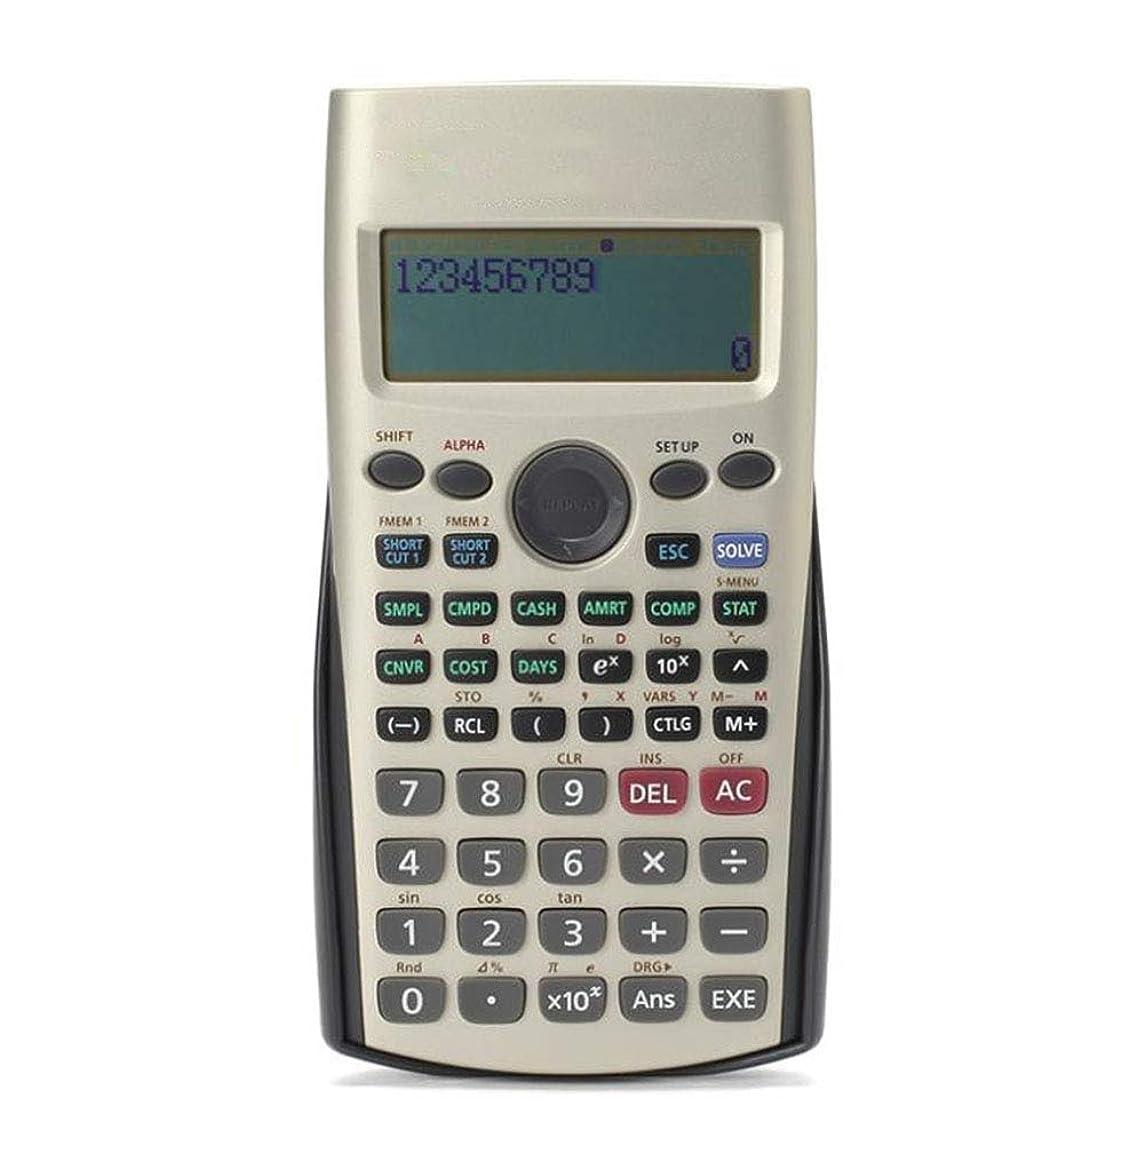 露出度の高いスリム引っ張る電卓 学生 サイエンス計算機 12ビット 大画面表示 学生計算 関数計算 金属パネル 金融試験